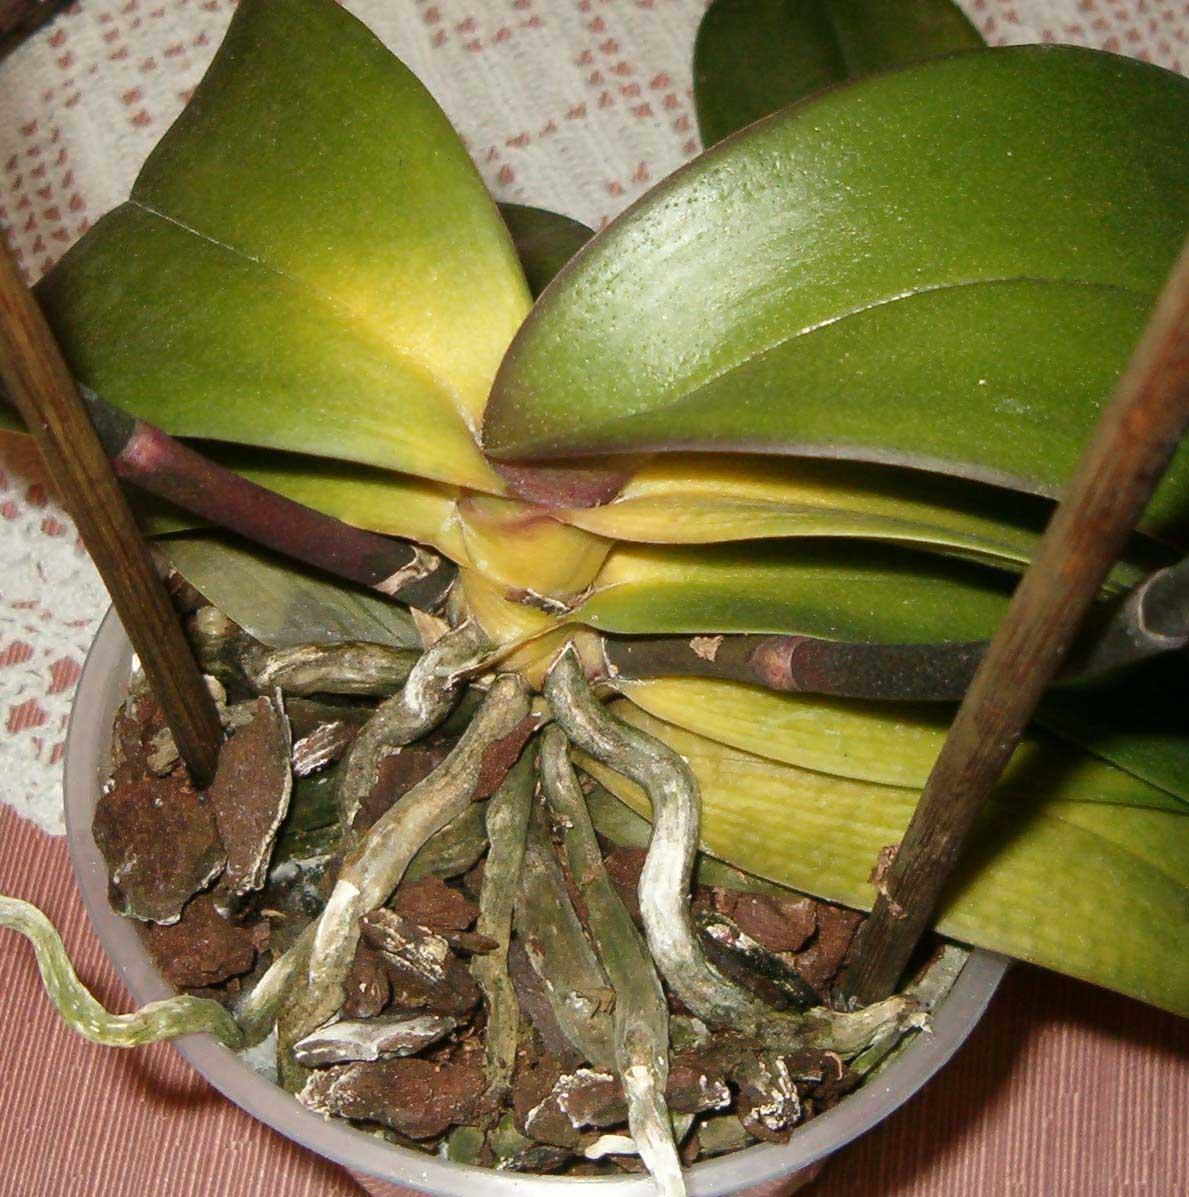 Orquideas amarillas cuidados for Cuidado de las orquideas moradas